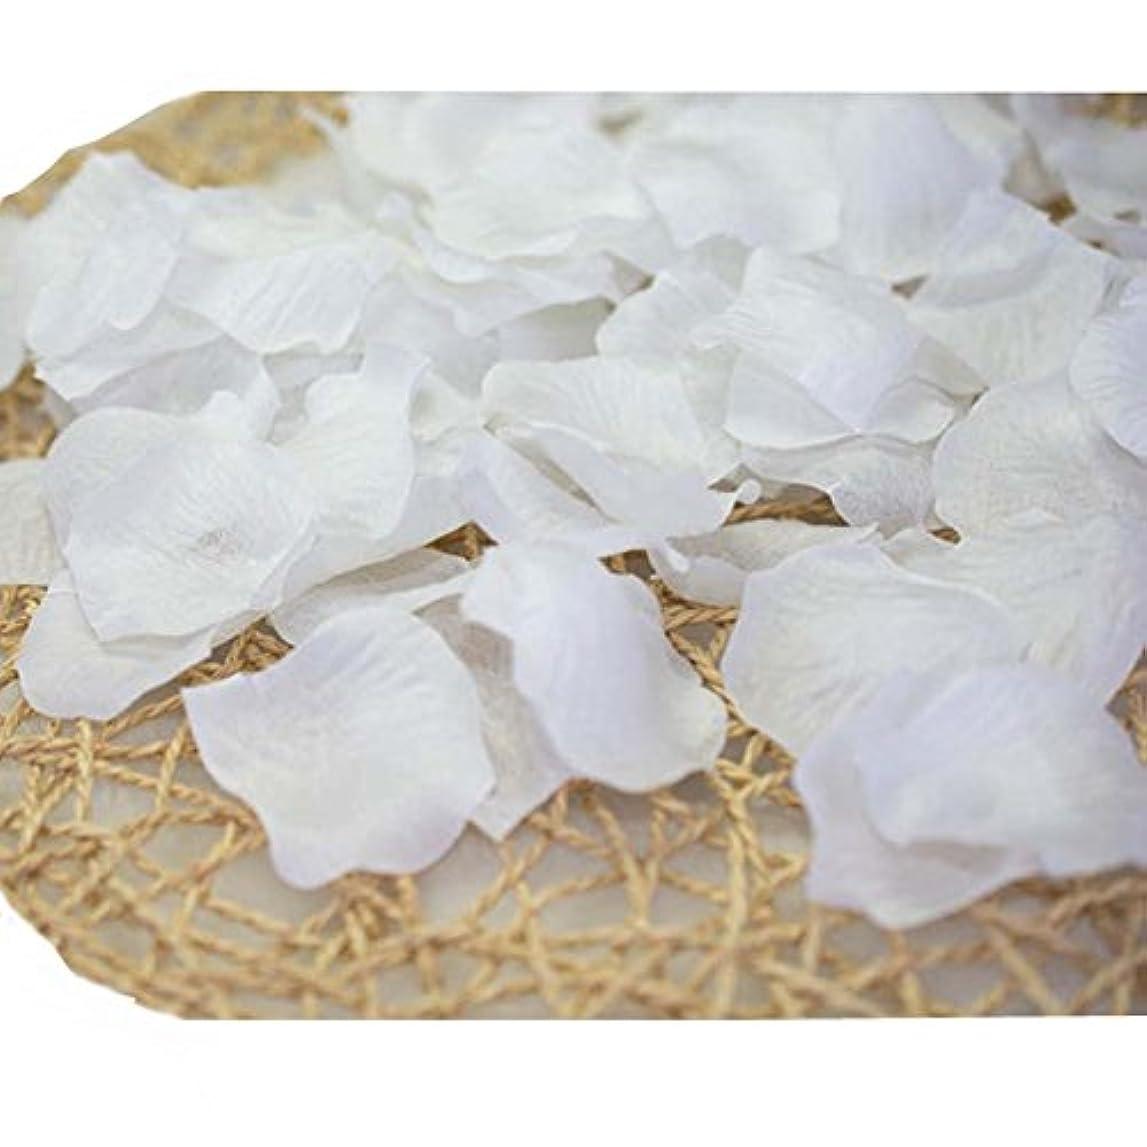 キャベツマエストロ高度な結婚式のための人工花びら白840のセット